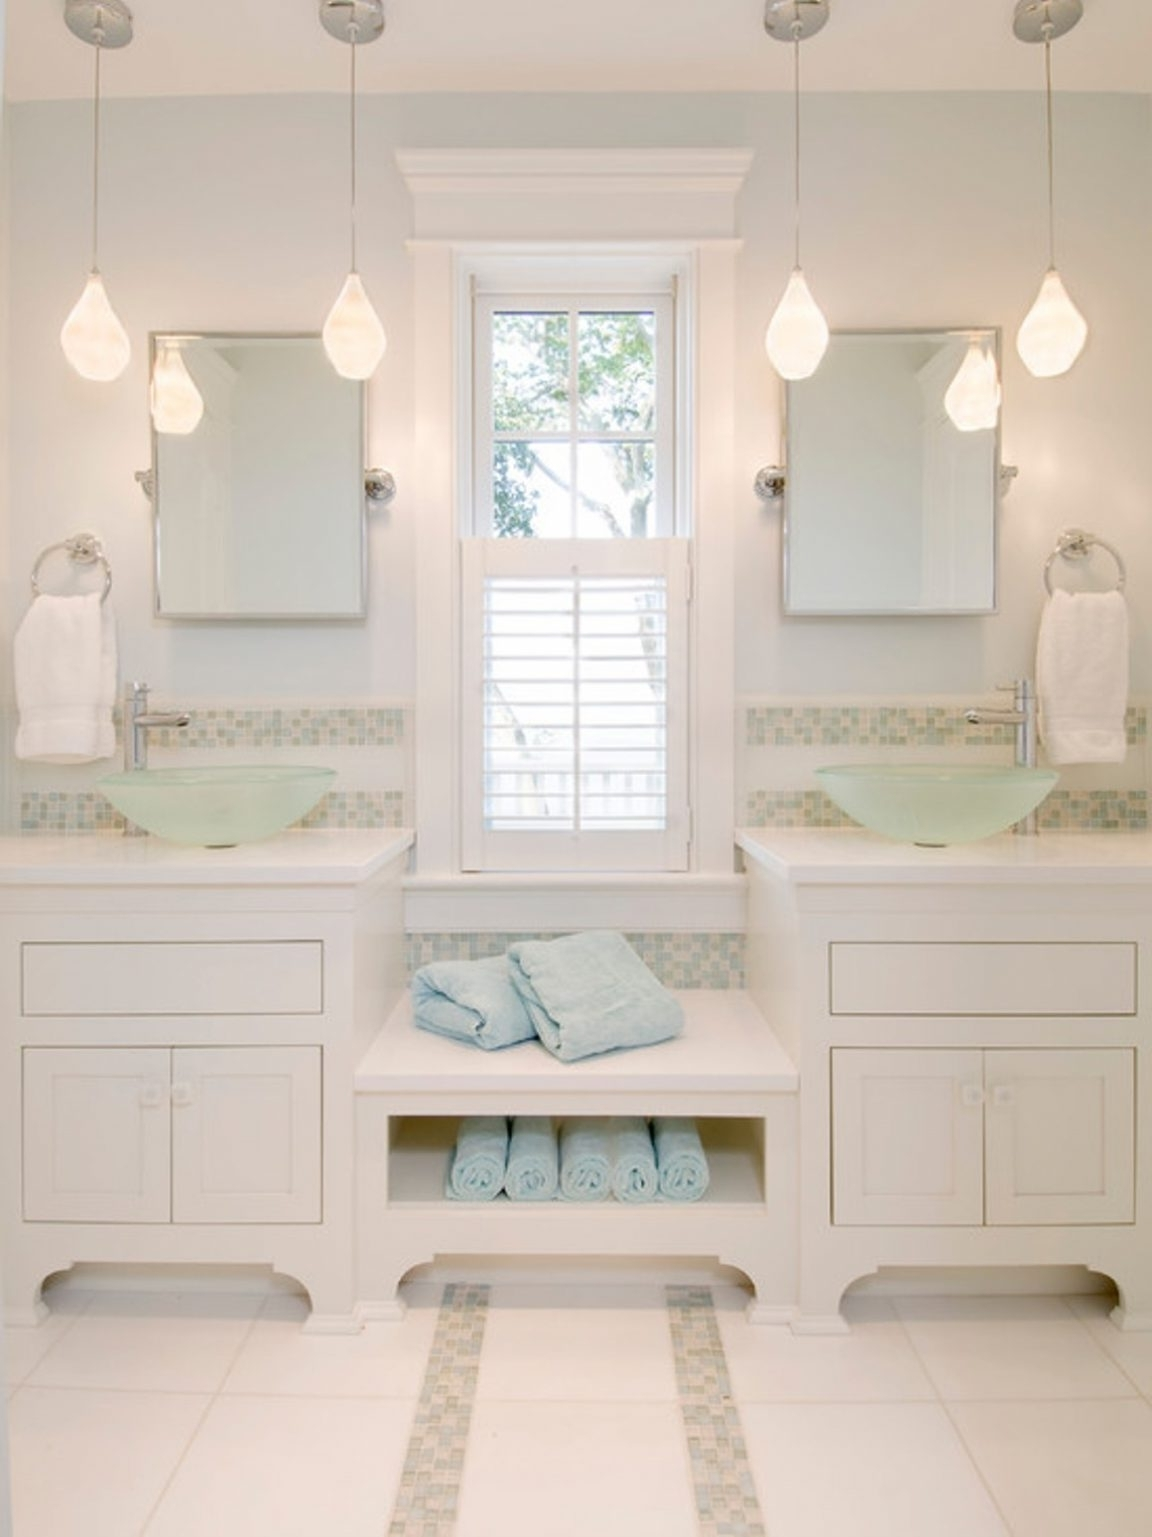 Chandelieremporary Vanity Lights Light Fixture Bathroom Lighting Throughout Recent Chandelier Bathroom Vanity Lighting (View 4 of 15)